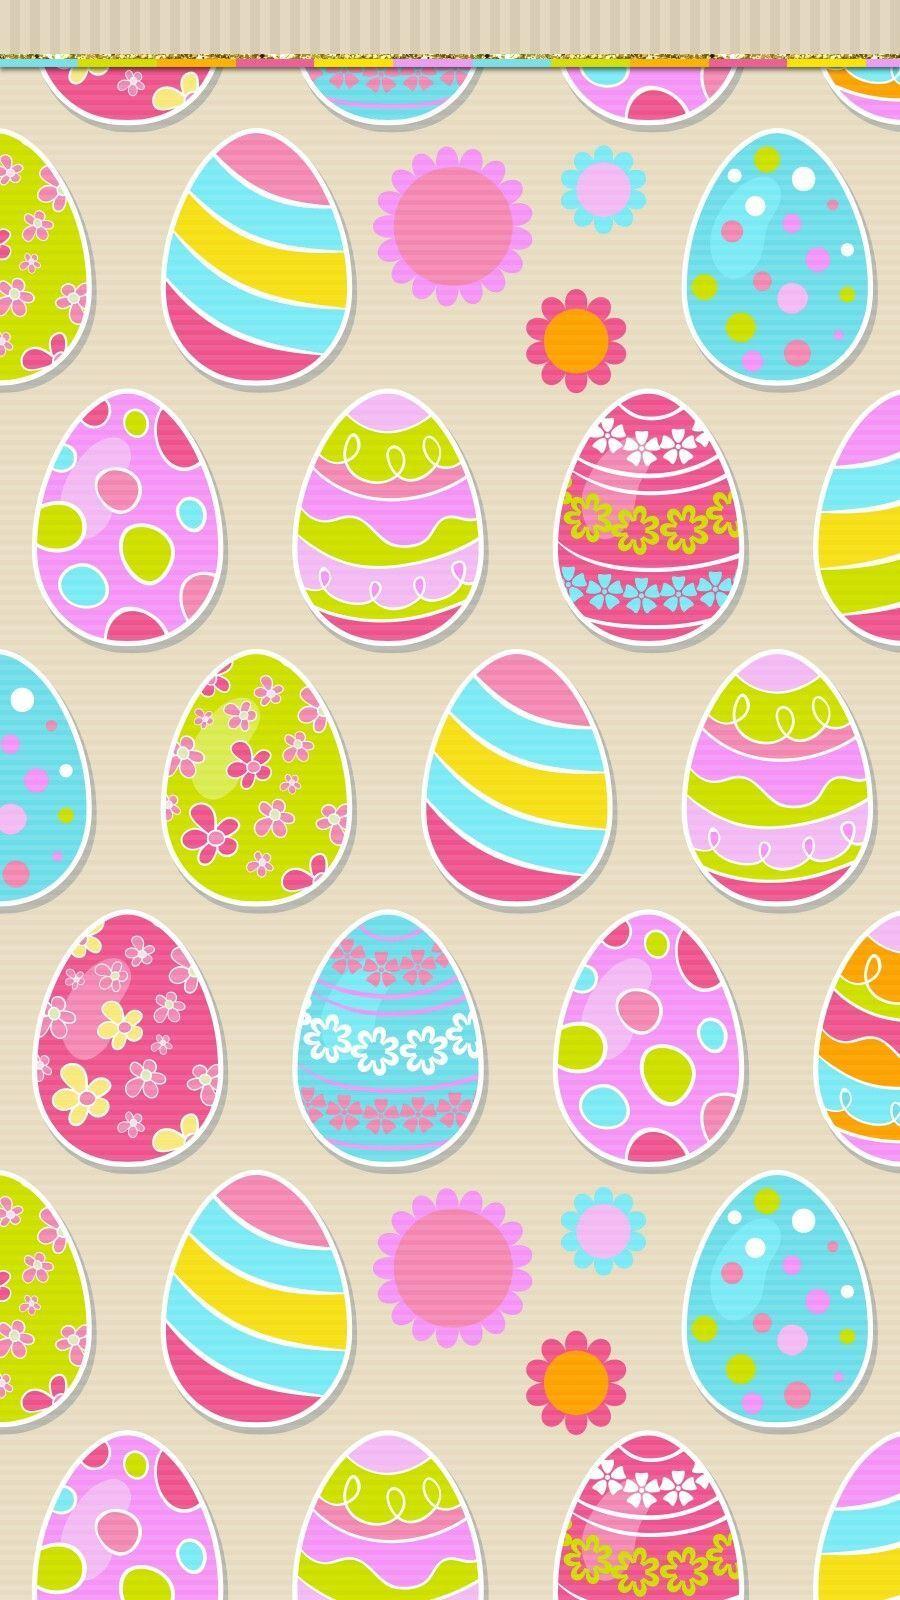 Desktop Wallpaper Free Wallpaper Trends Happy Easter Wallpaper Happy Easter Pictures Easter Backgrounds